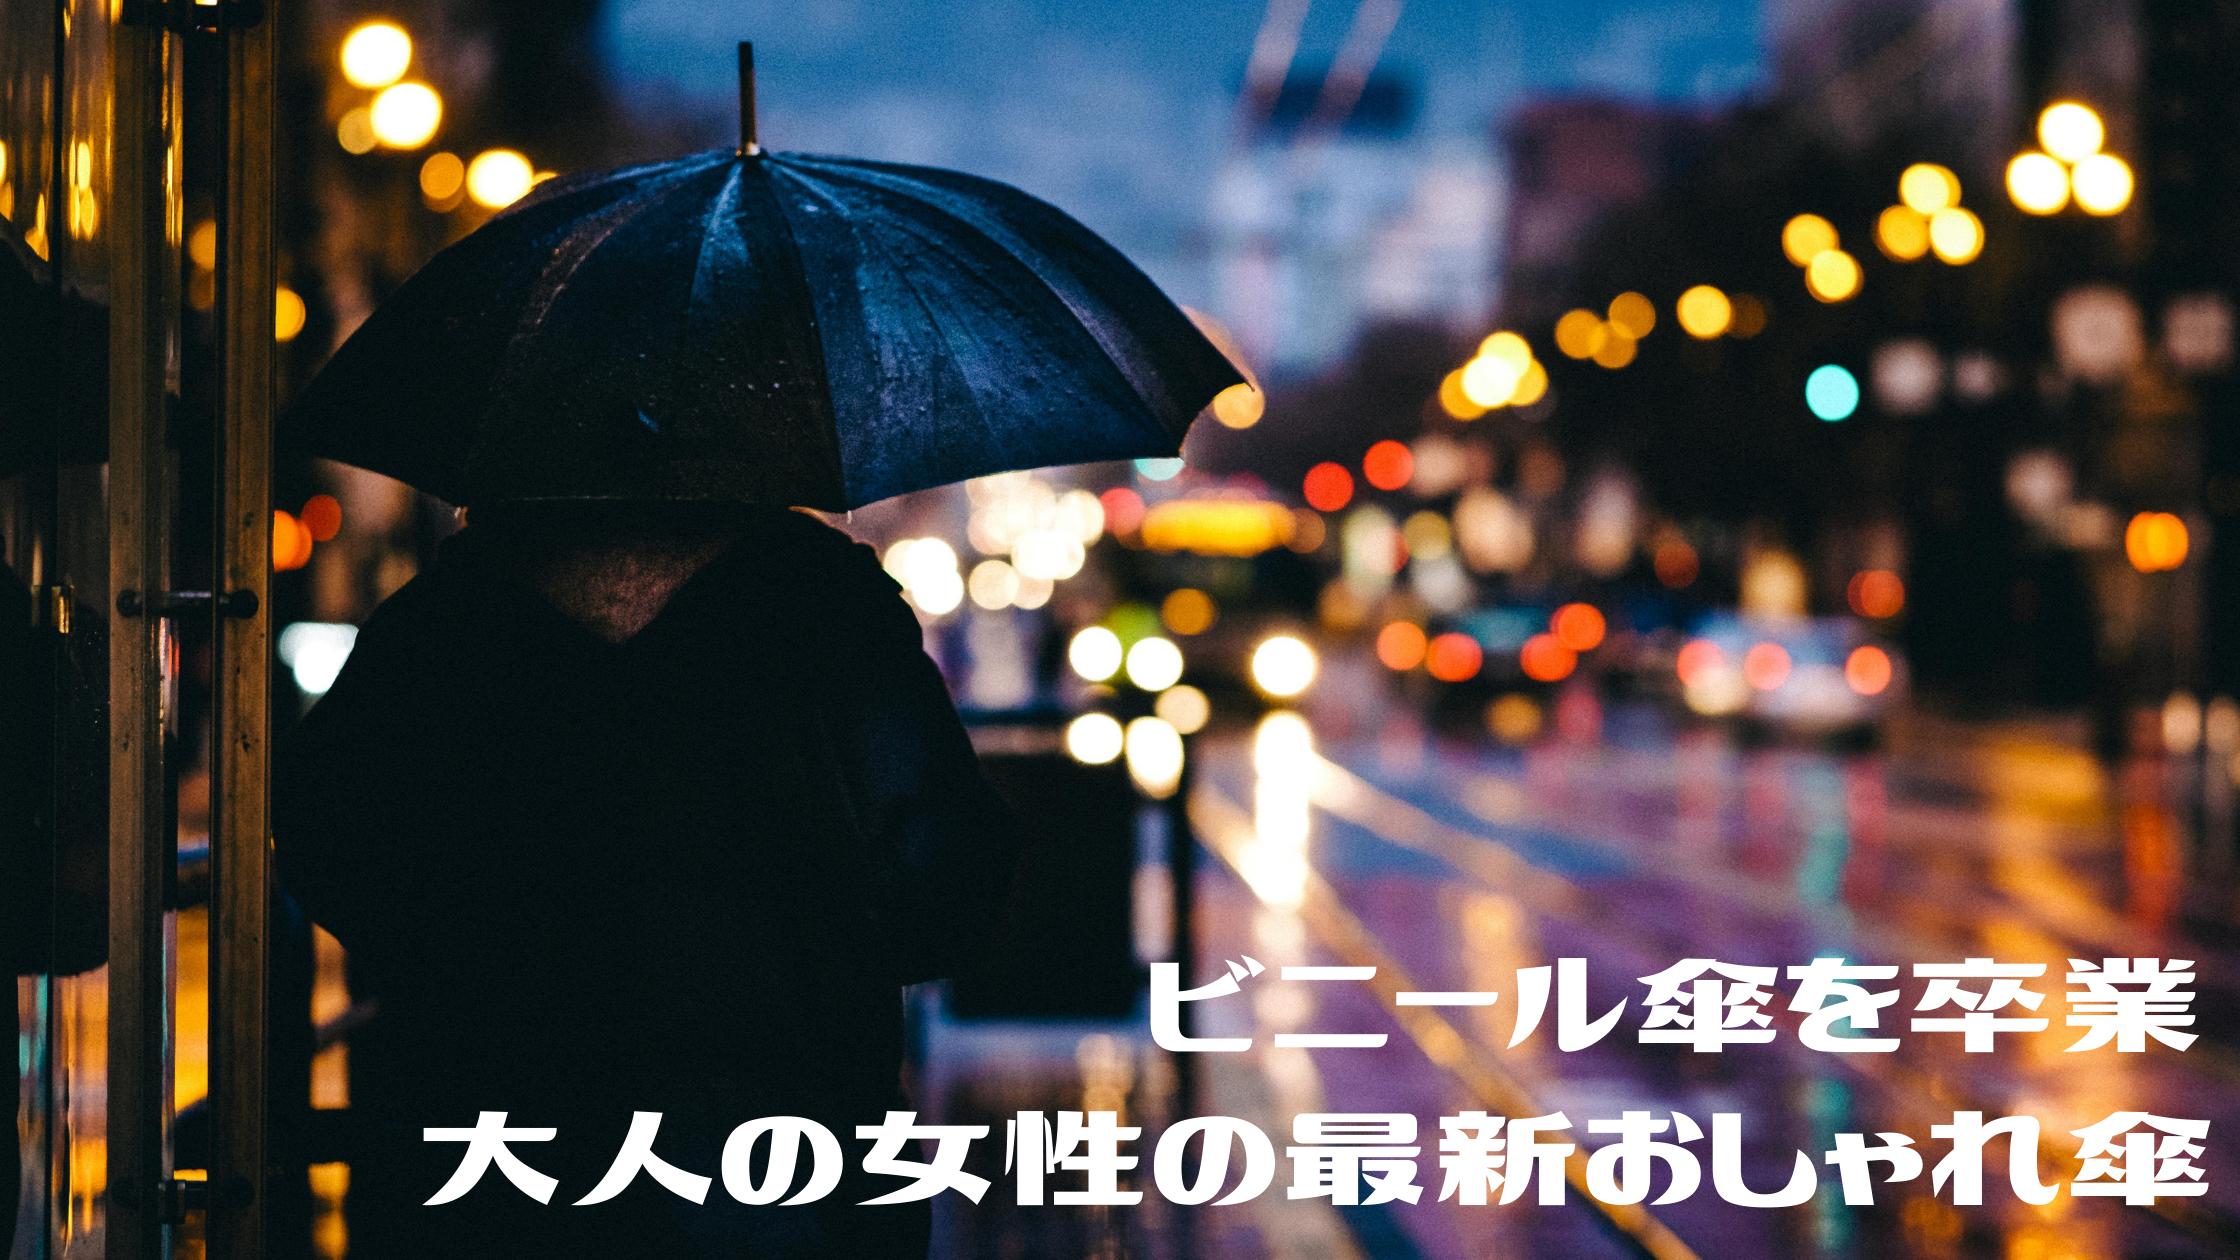 大人の女性へステップアップ【最新おしゃれ傘】『ファッション誌 編集者の傘』『傘ソムリエおすすめの傘』